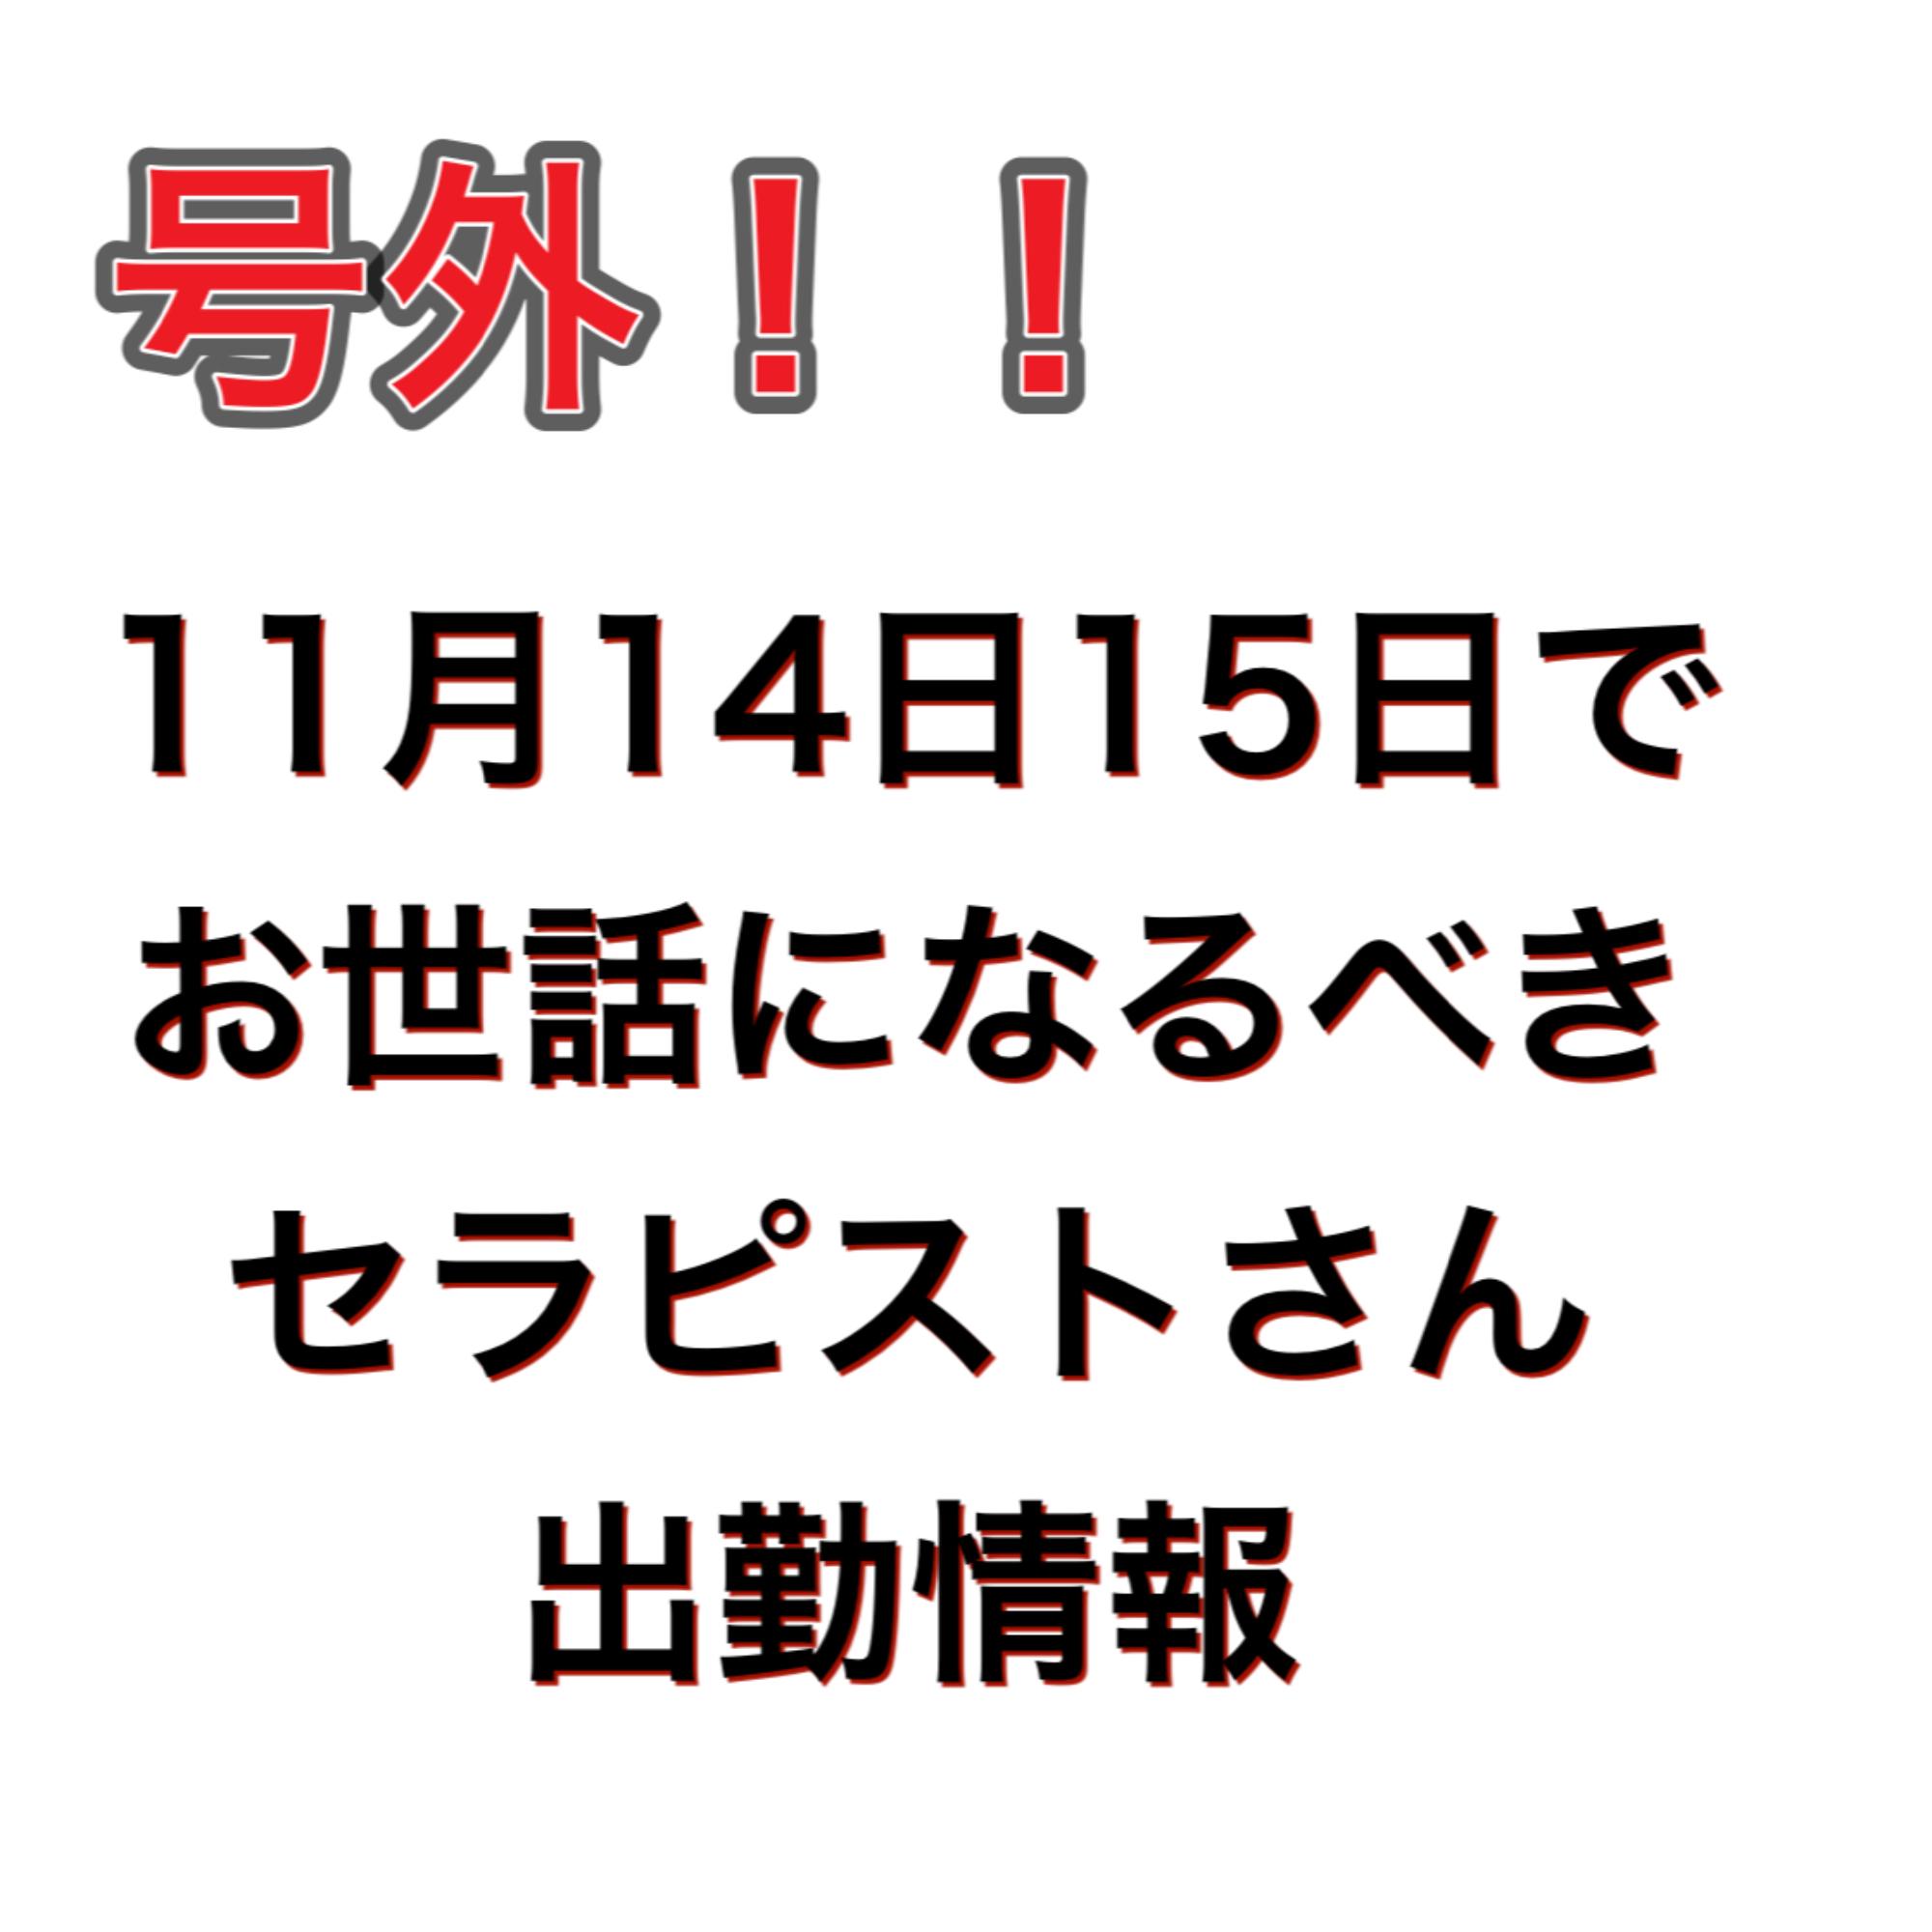 202011140130385f6.jpeg